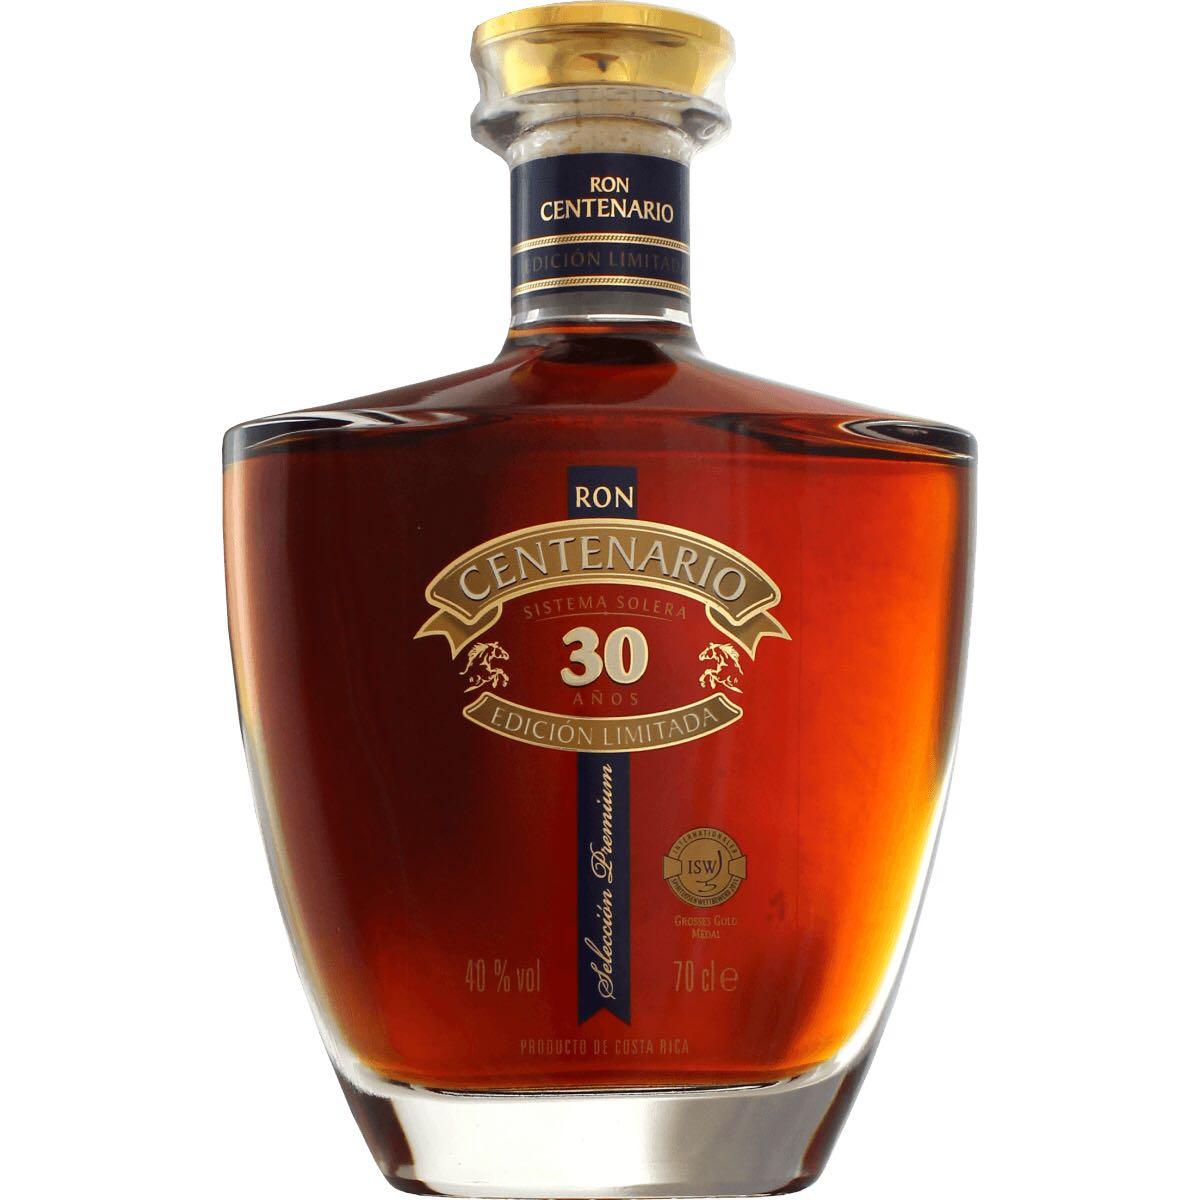 Bottle image of Centenario Fundación 30 Años Edicion Limitada